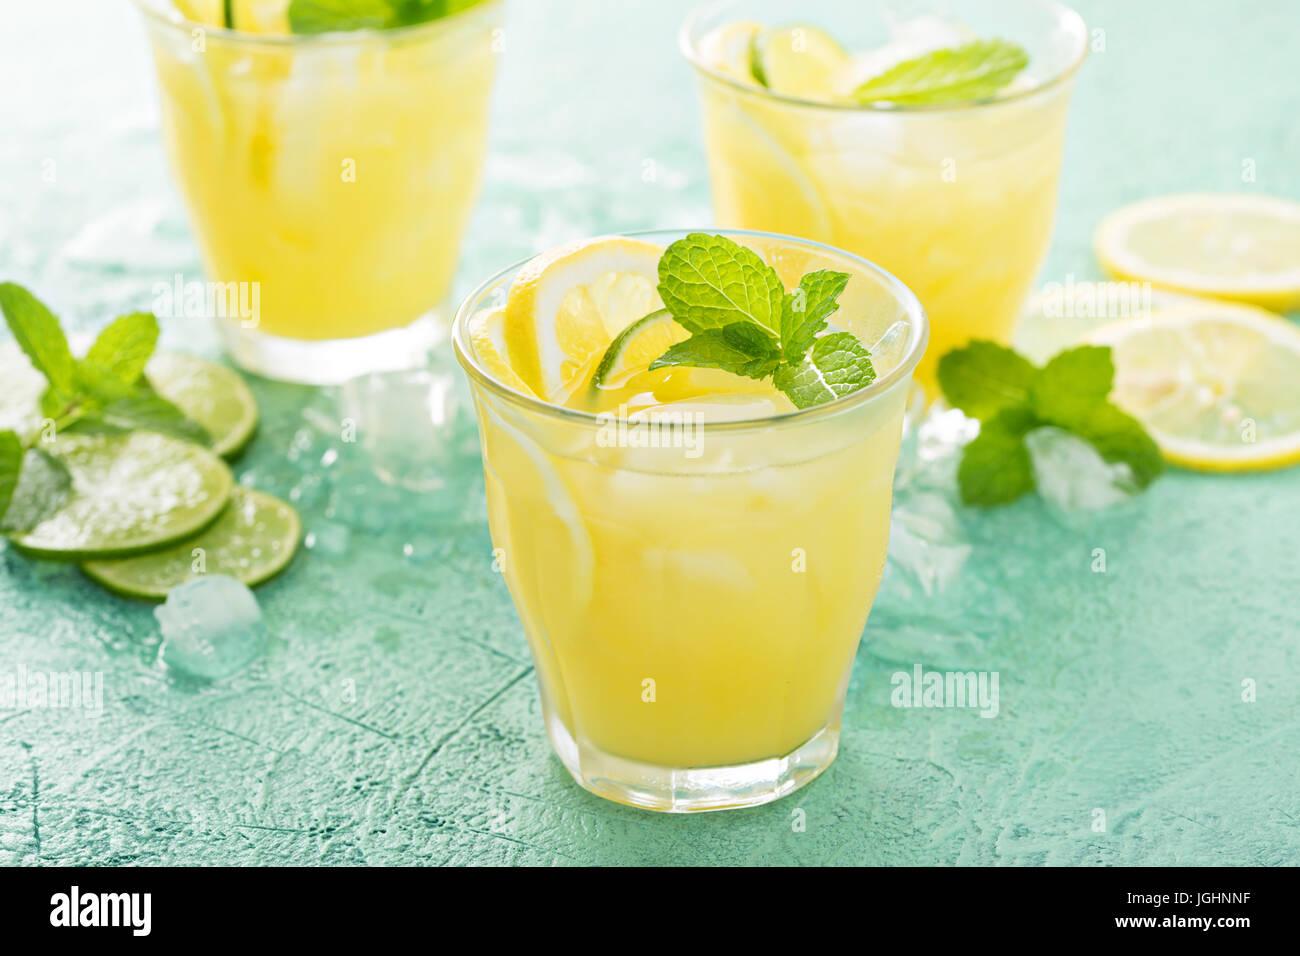 Cóctel de cítricos refrescante con limón Imagen De Stock